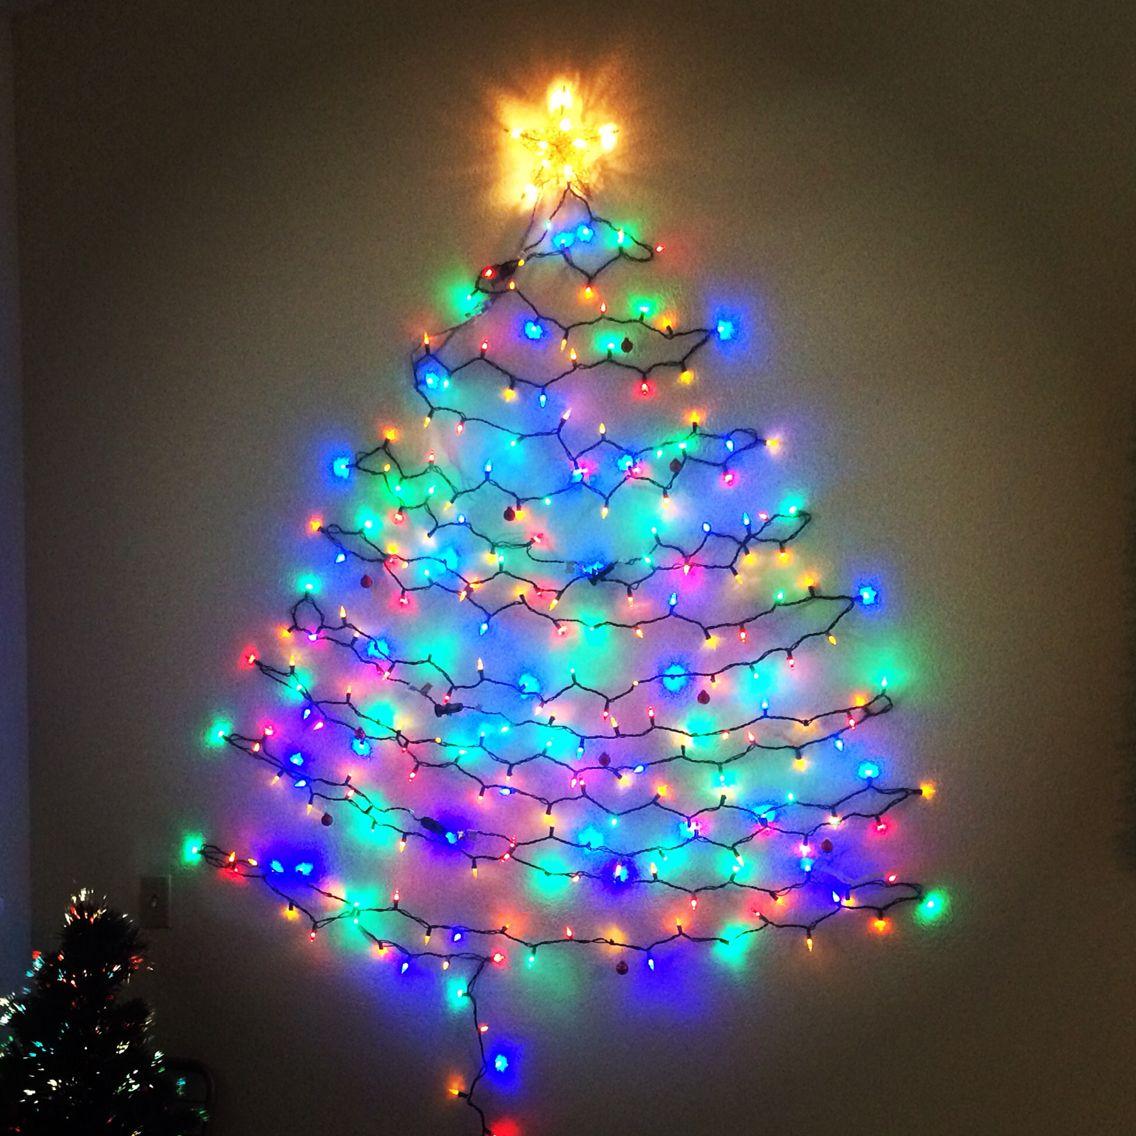 christmas tree out of christmas lights on the wall